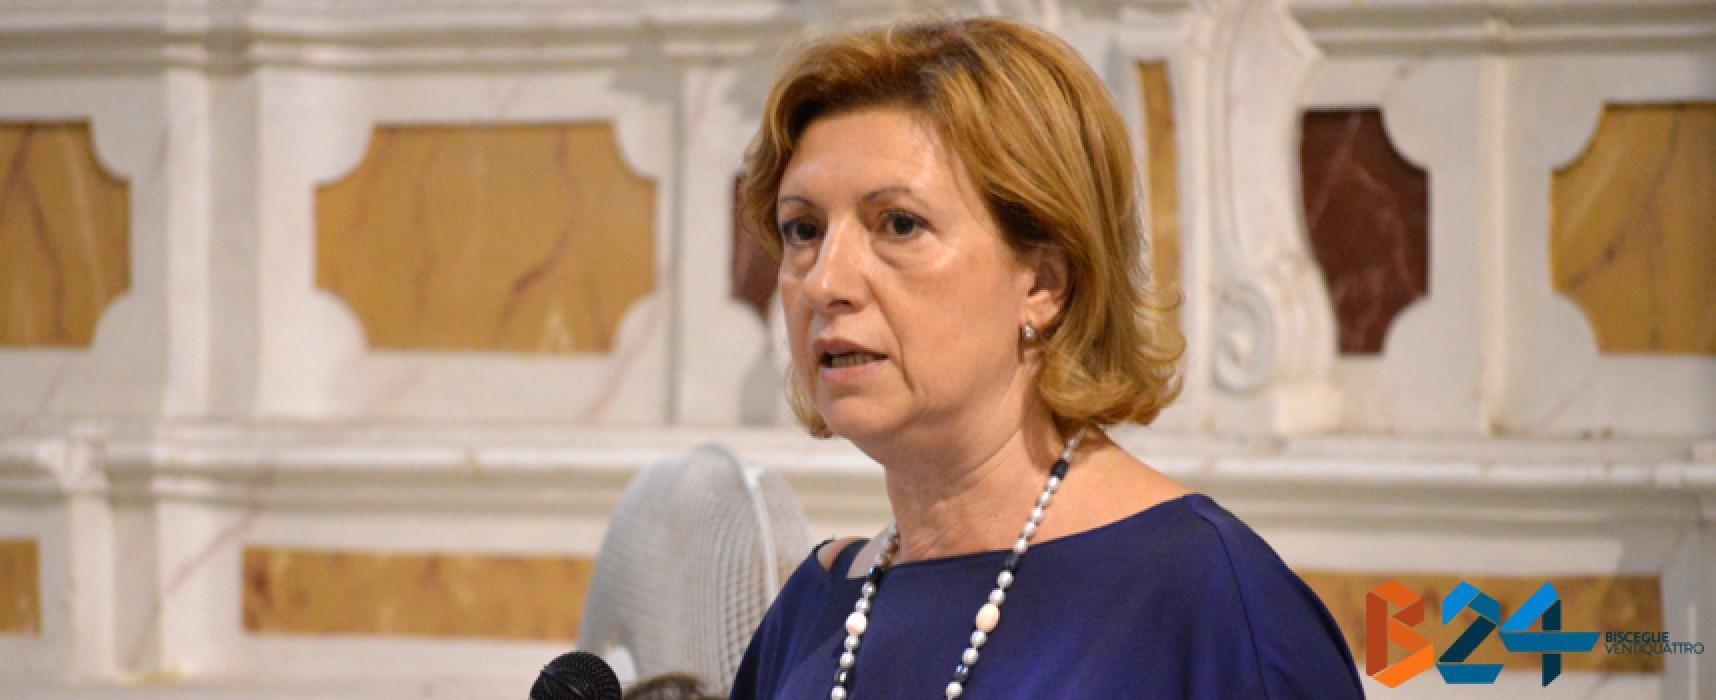 """Tonia Spina (FI): """"Giusto accogliere i profughi, ma attenzione alla sicurezza dei cittadini"""""""